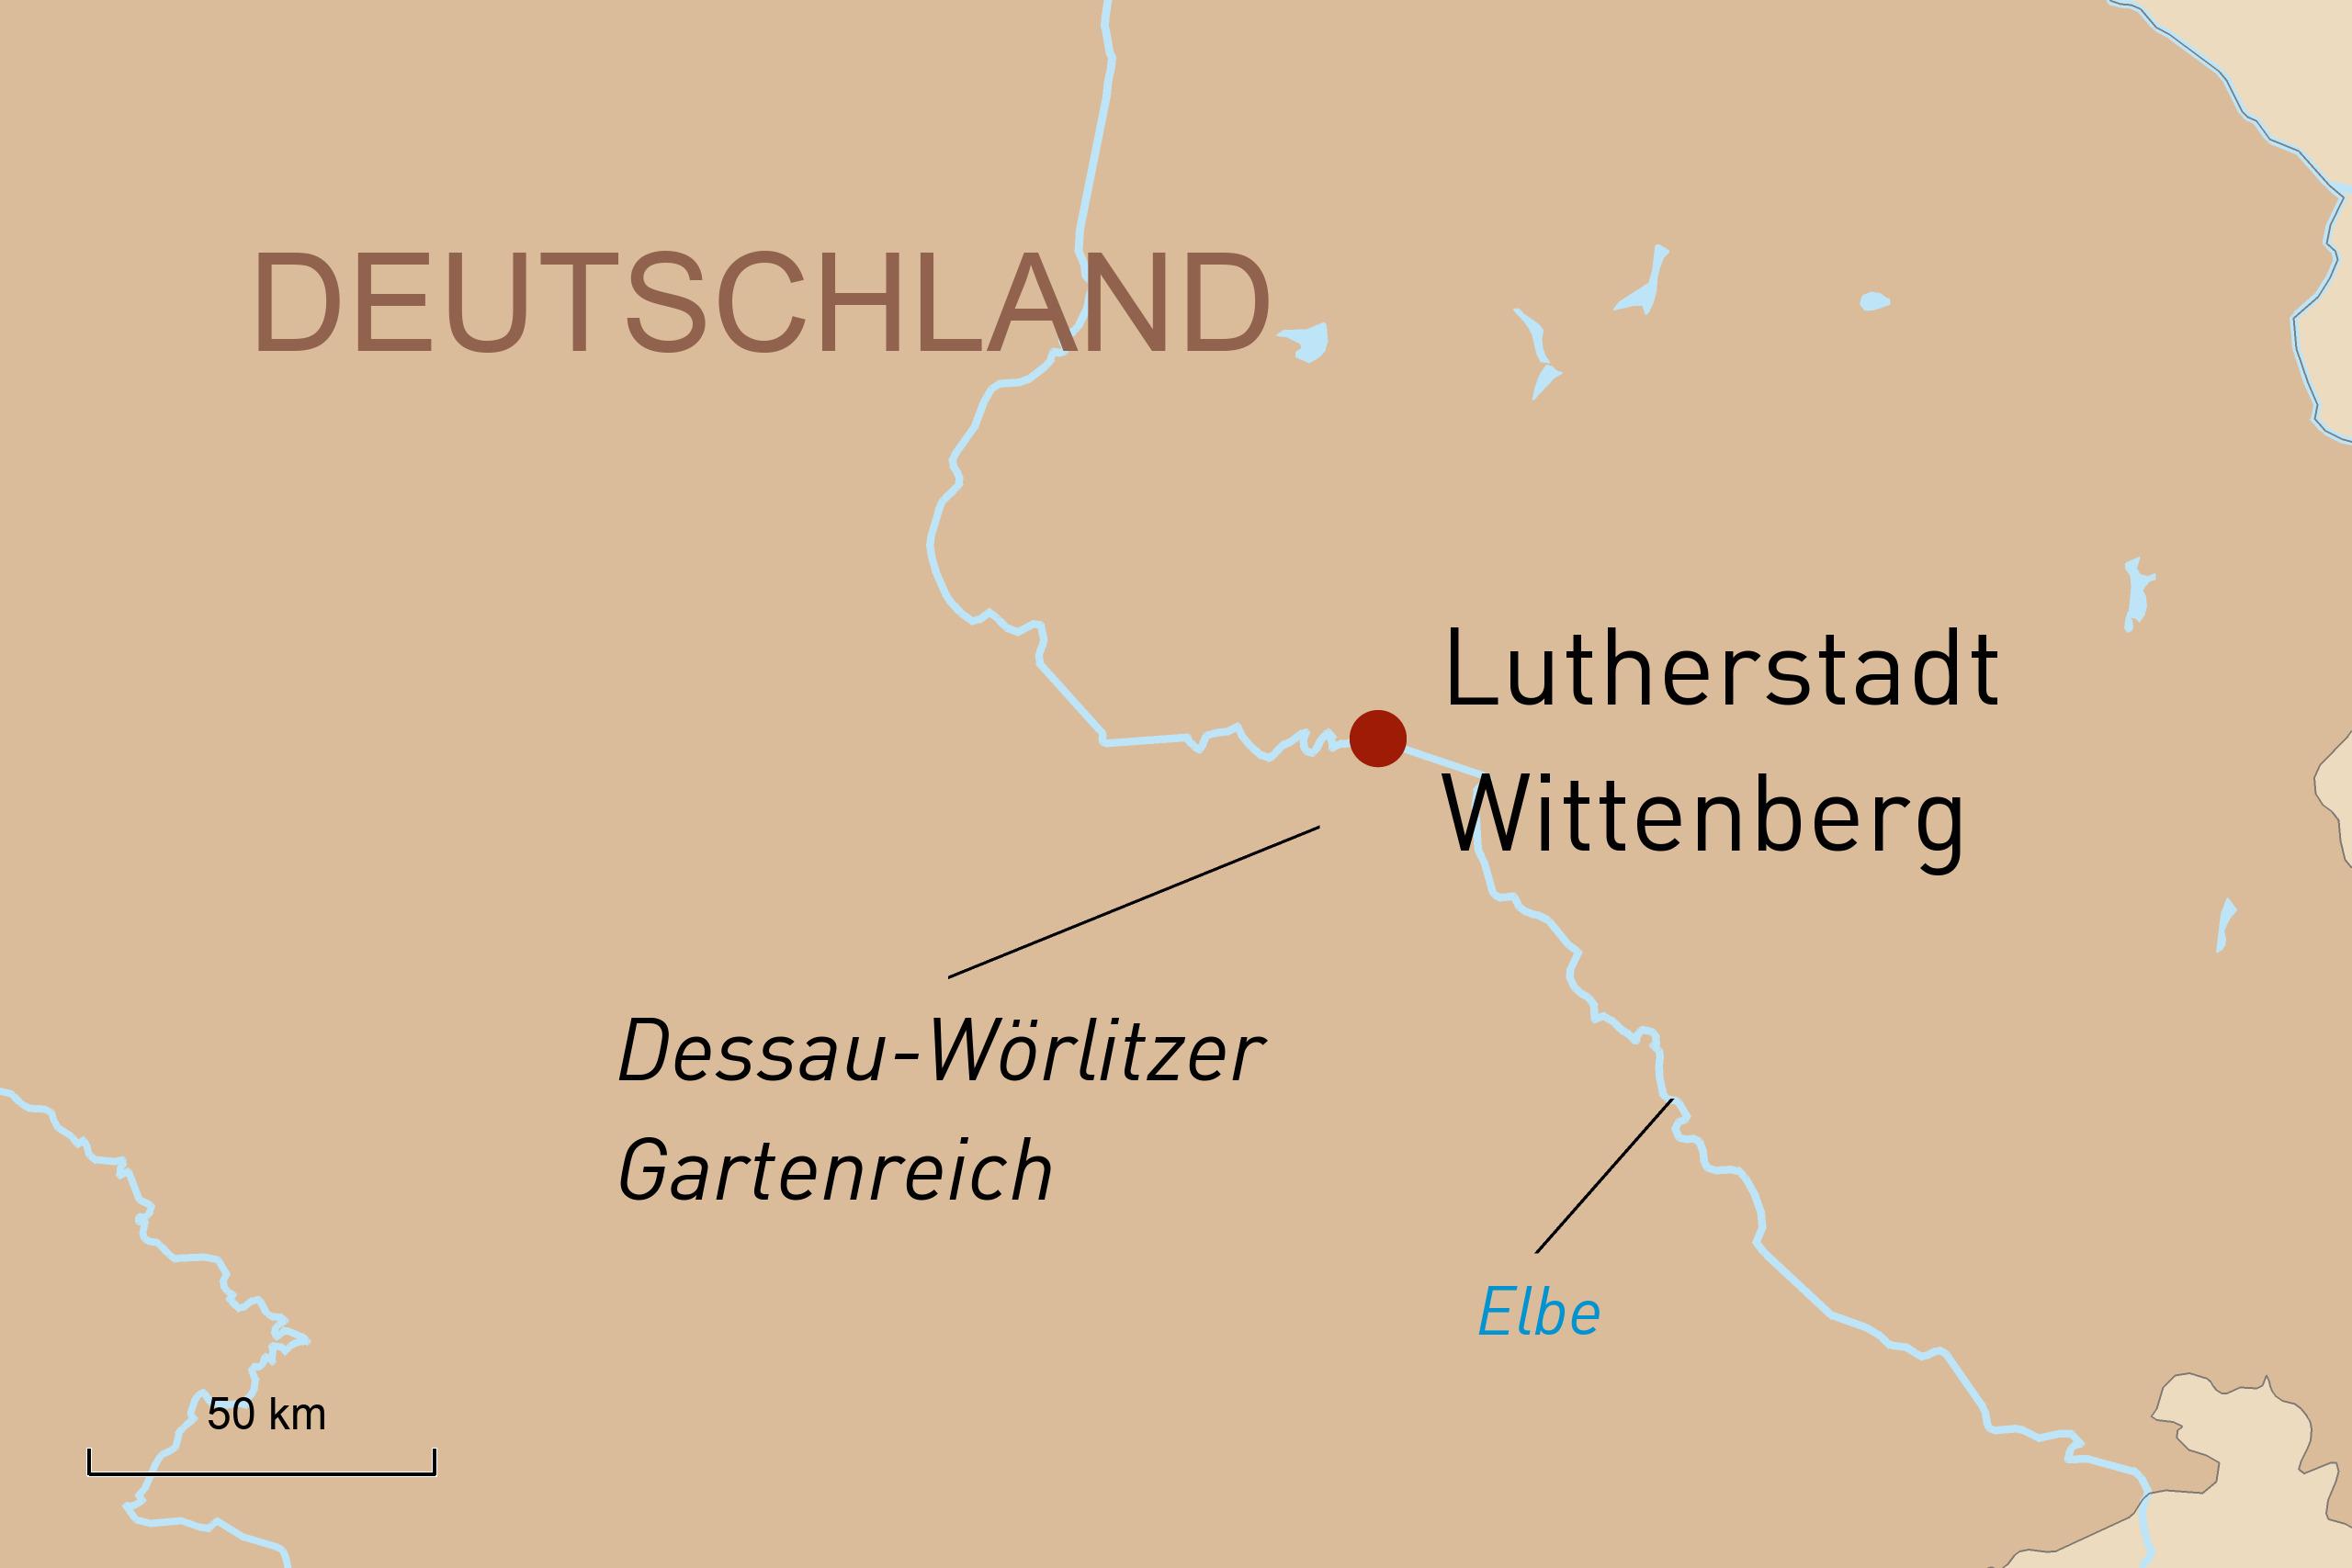 Reise in die Lutherstadt Wittenberg - mit Geoplan Privatreisen